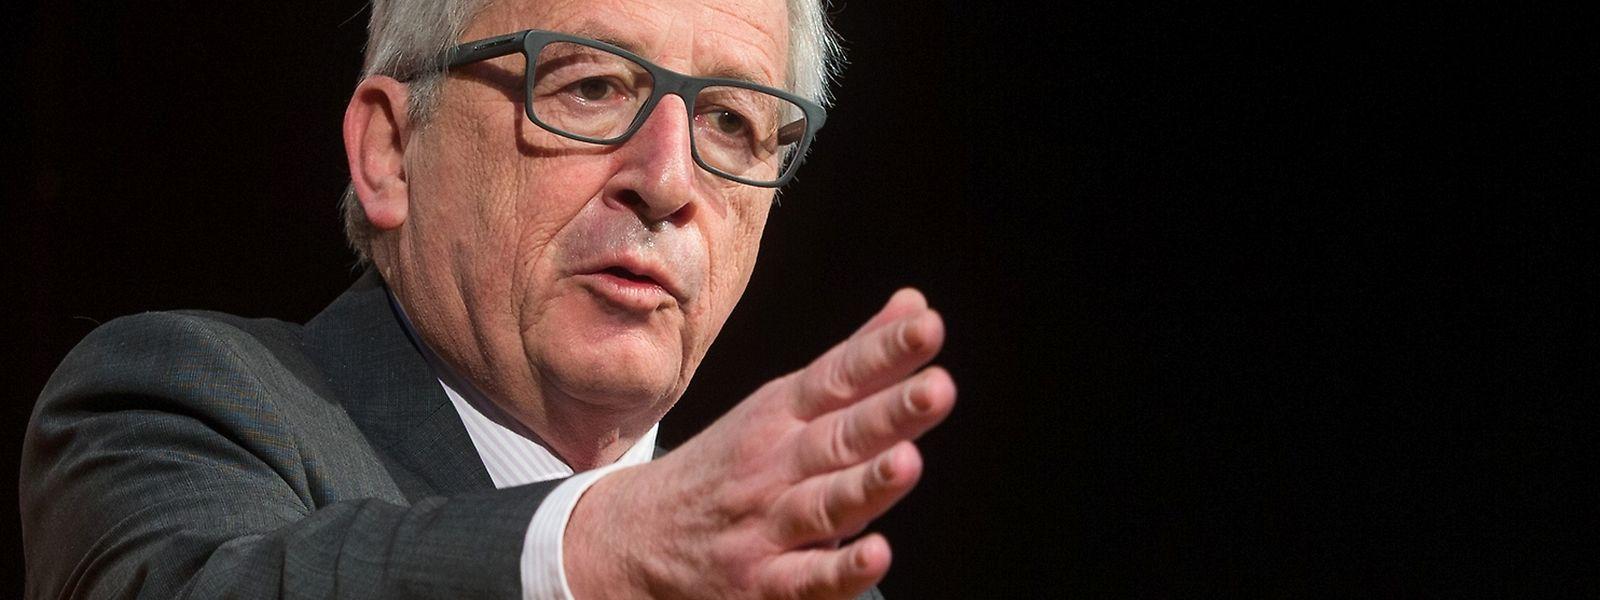 Krecké hatte Juncker scheinbar auf die Fragwürdigkeit der Rulings hingewiesen.